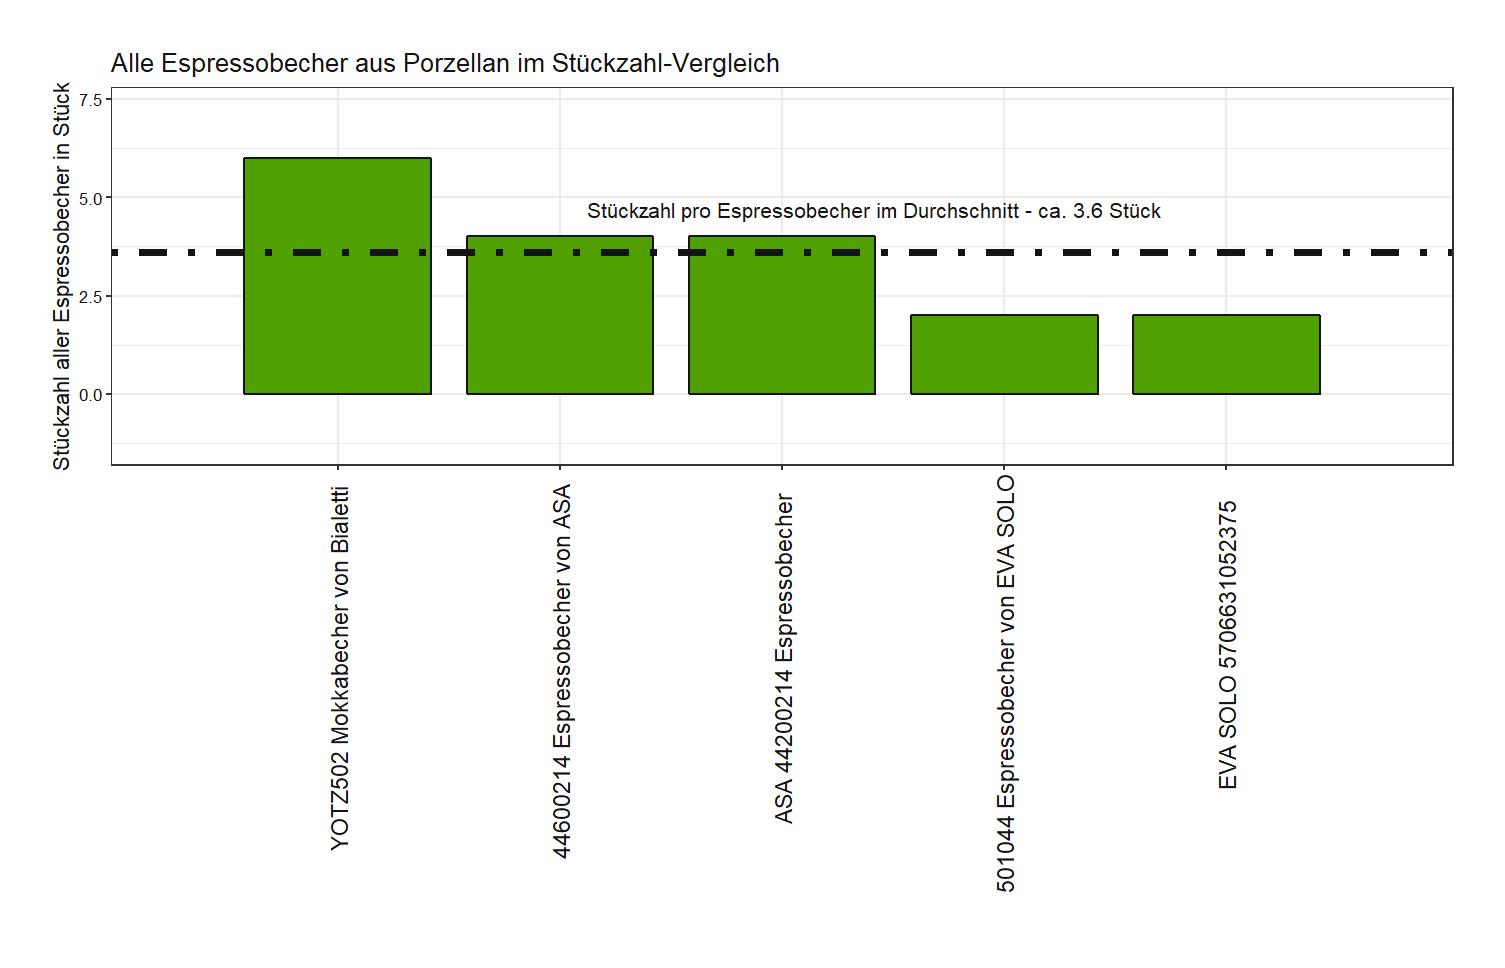 ausdifferenzierter Stückzahl-Vergleich Espressobecher Material